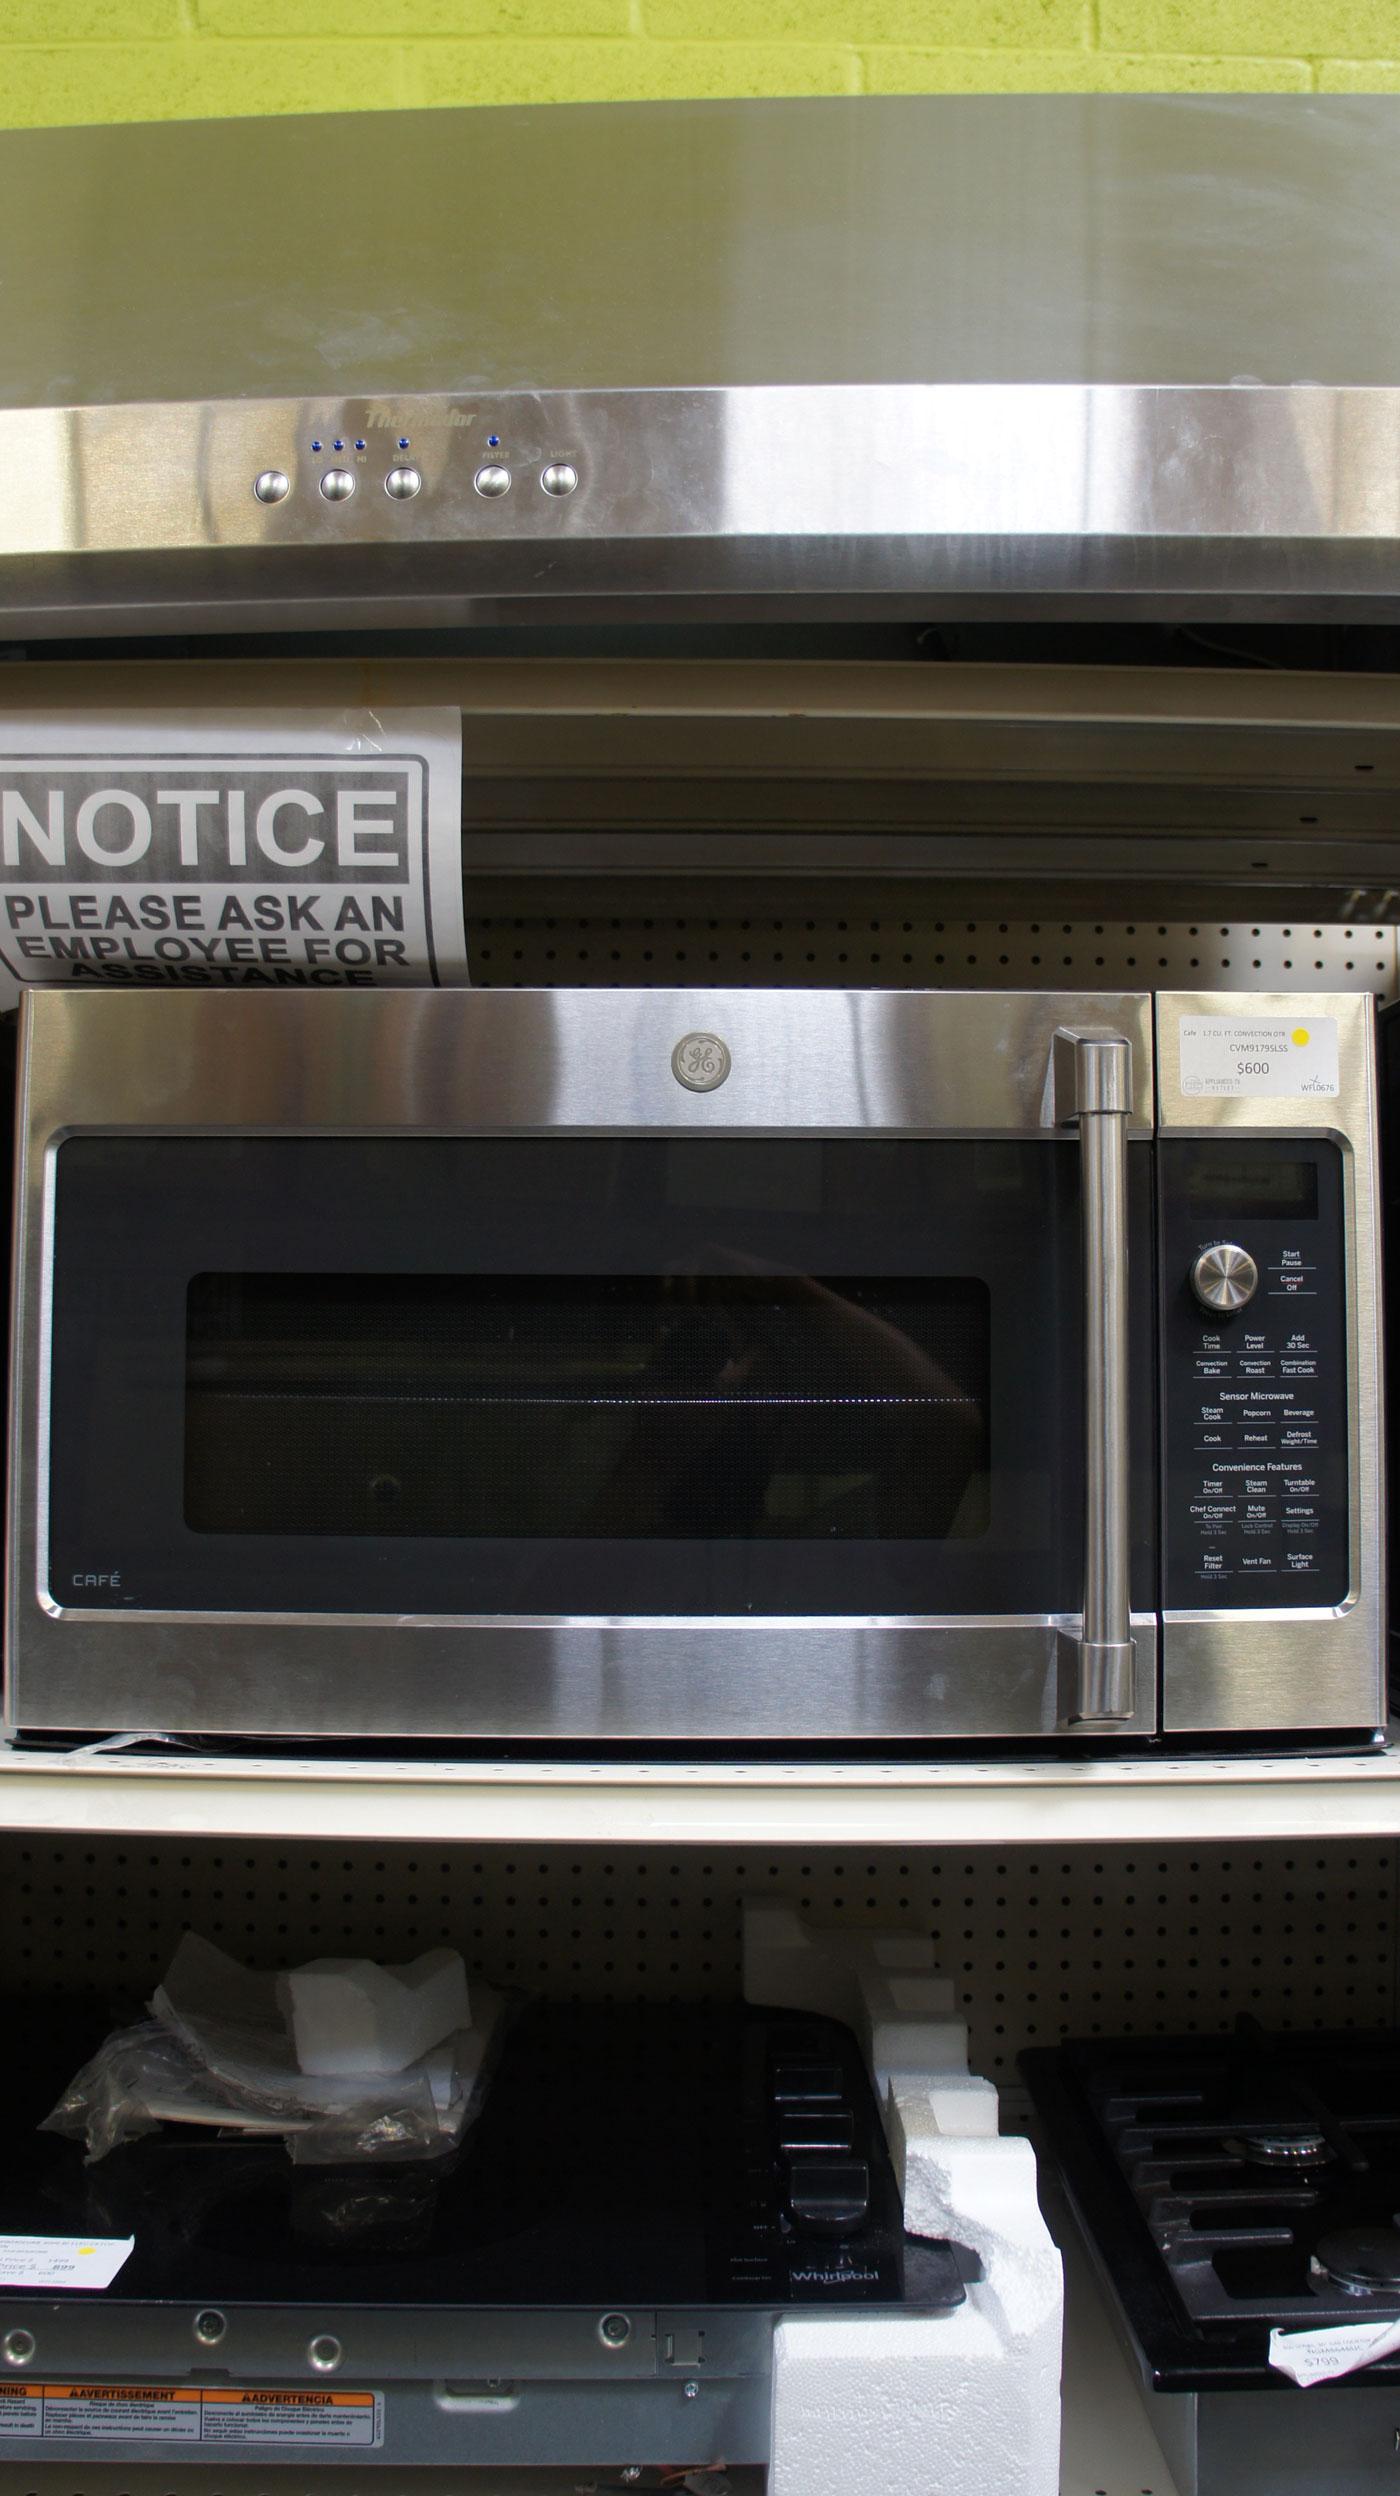 30 ge cafe cvm9179slss 1 7 cu ft over the range microwave